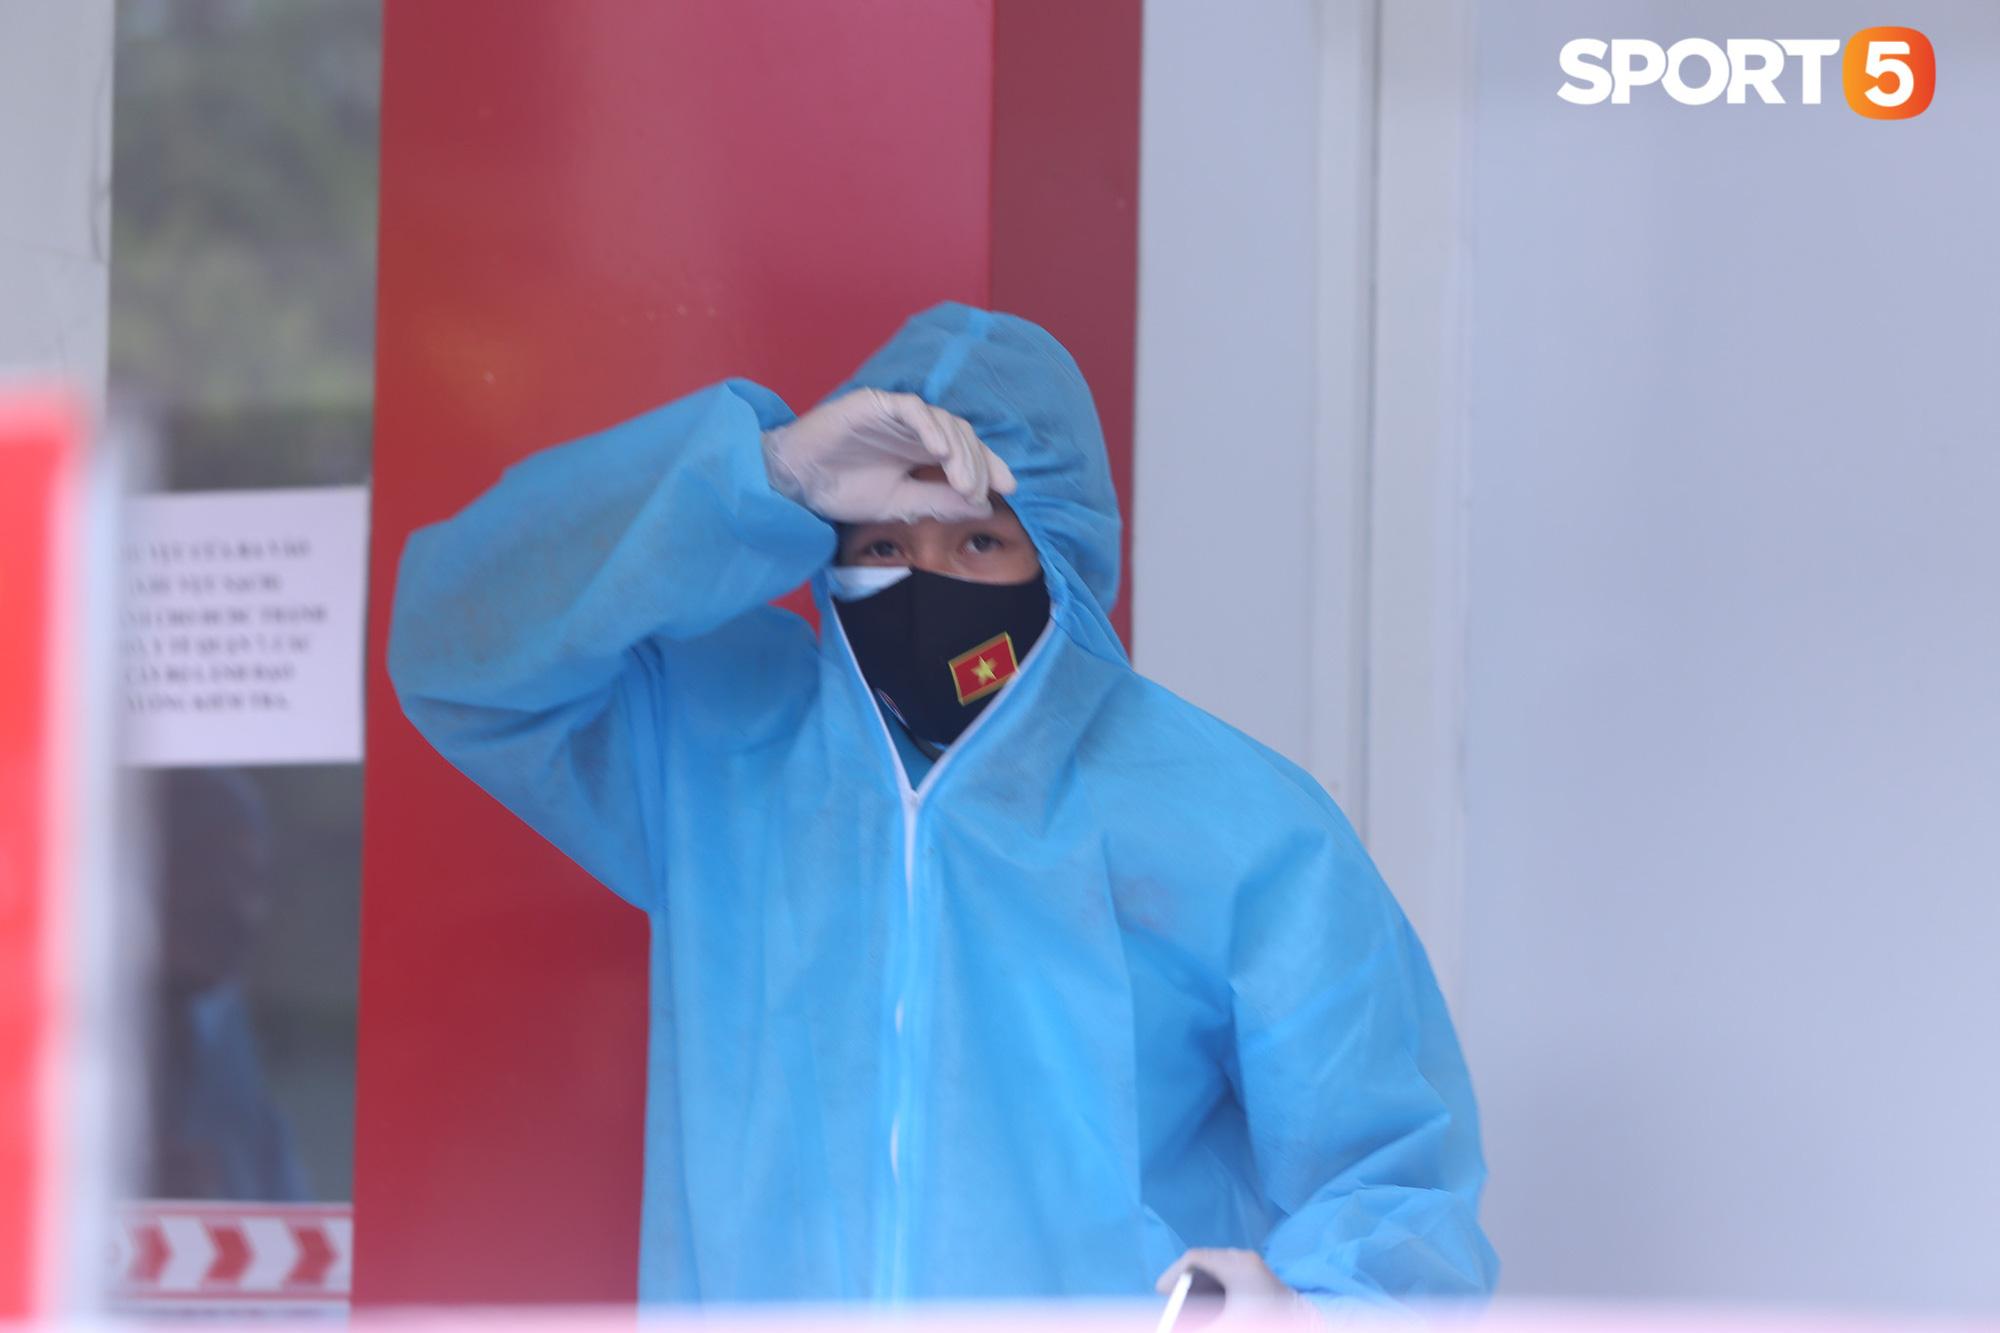 Tiền vệ tuyển Việt Nam khiến đồng đội lo lắng khi nhiệt độ cơ thể cao hơn bình thường - Ảnh 2.